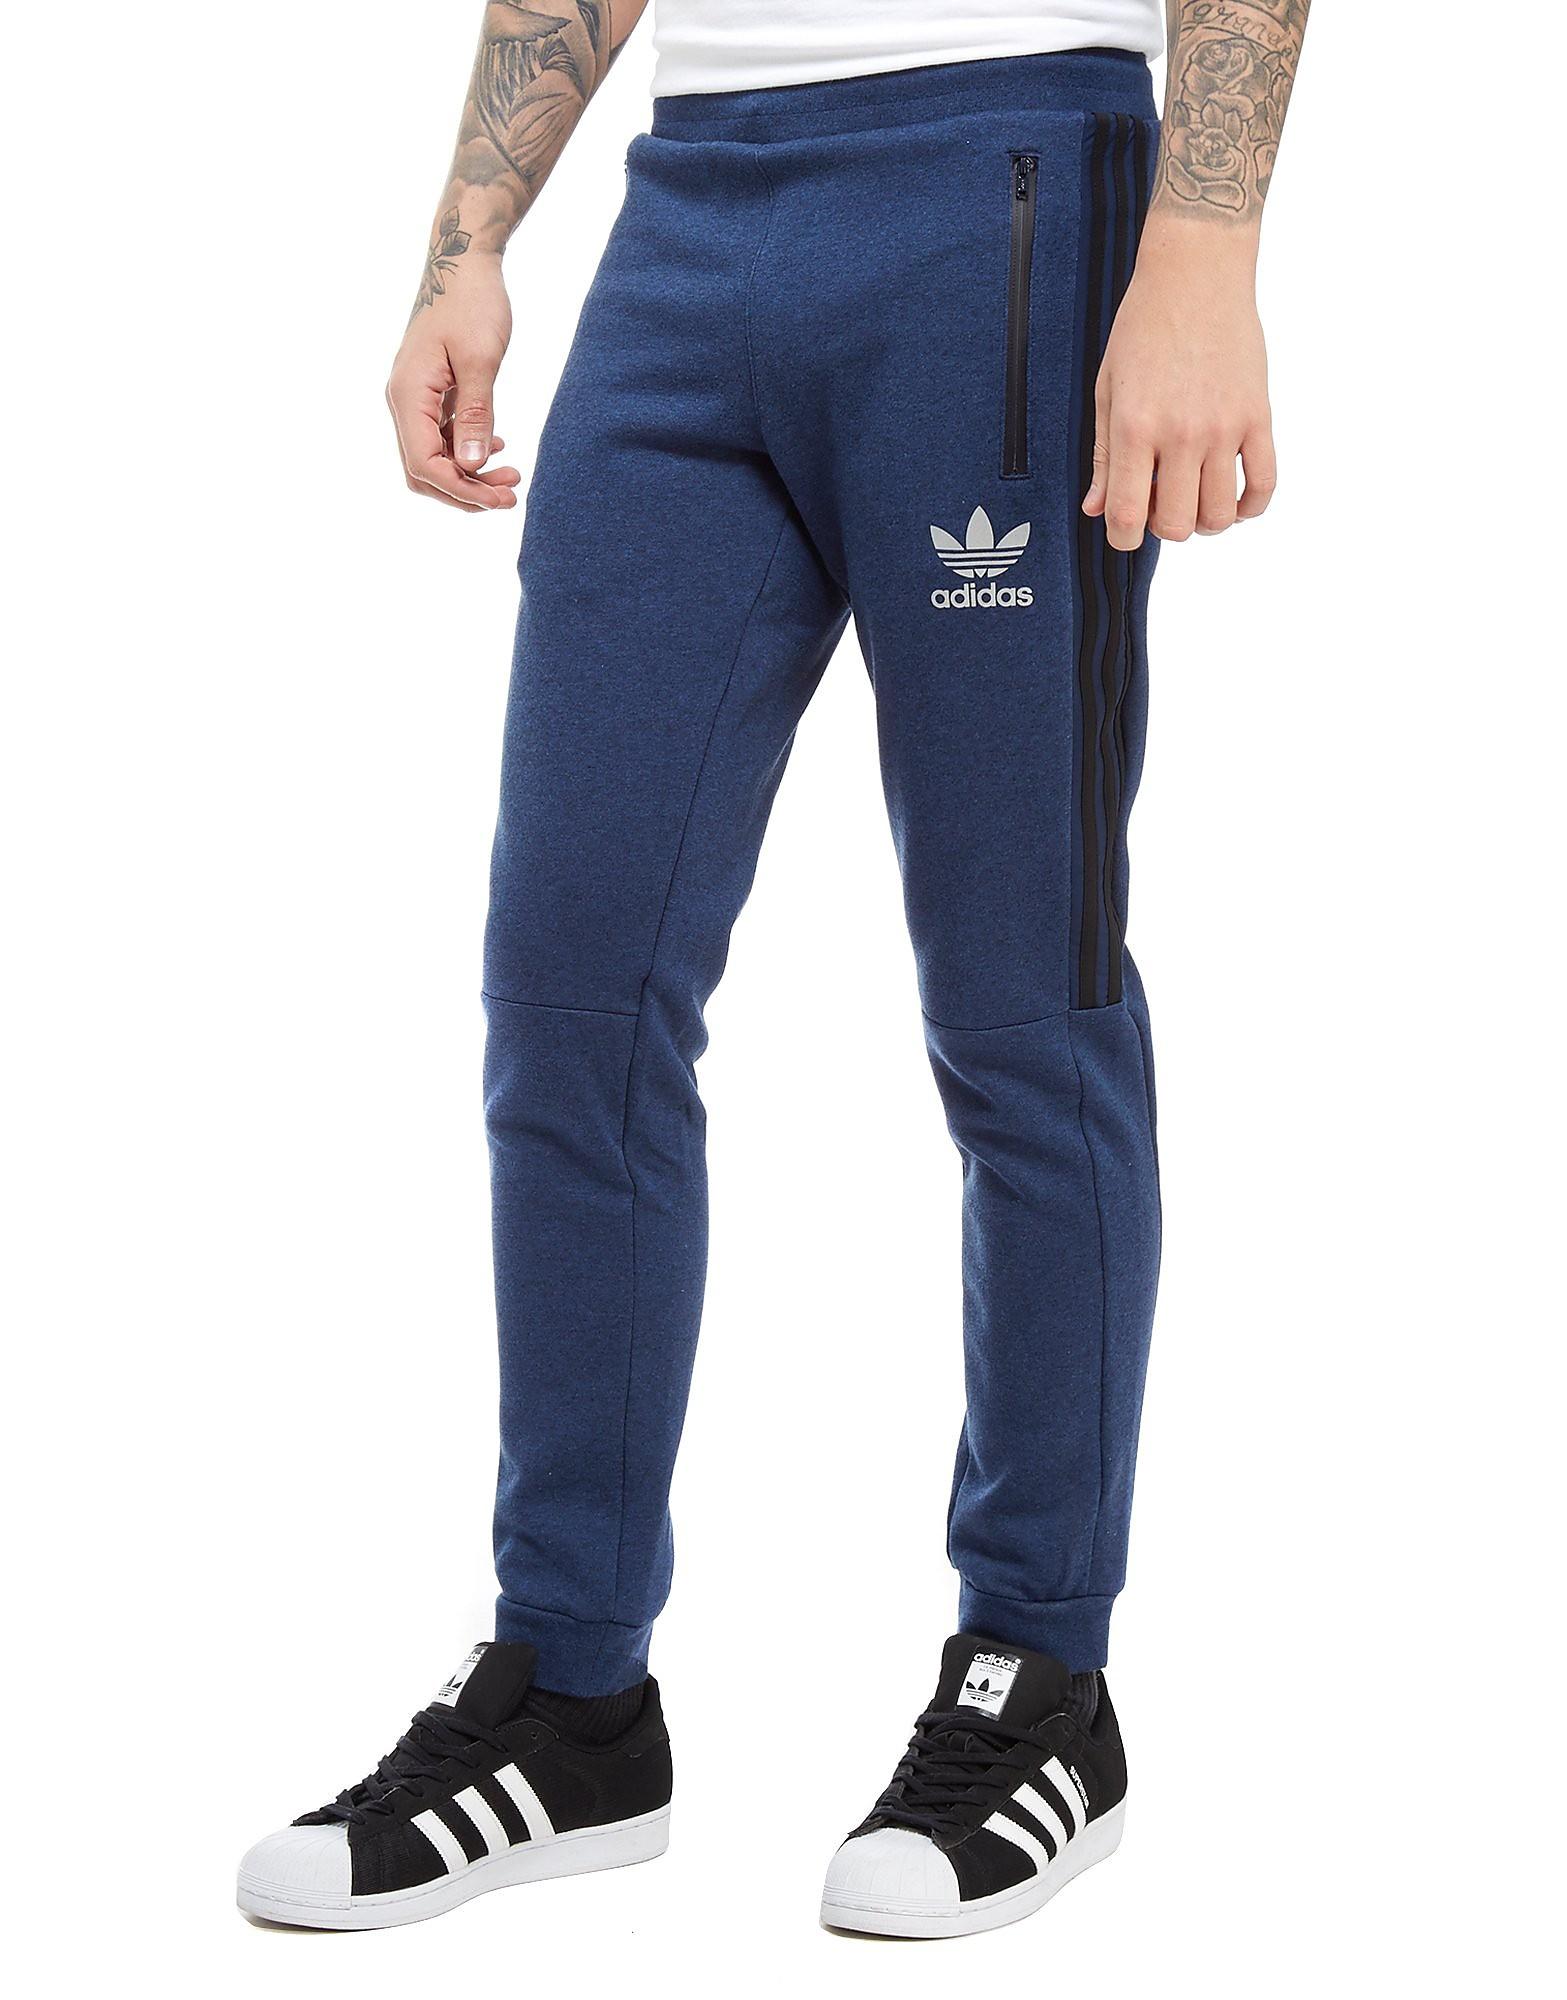 adidas Originals Pantalon de survêtement Street Run Homme - Only at JD - Navy, Navy